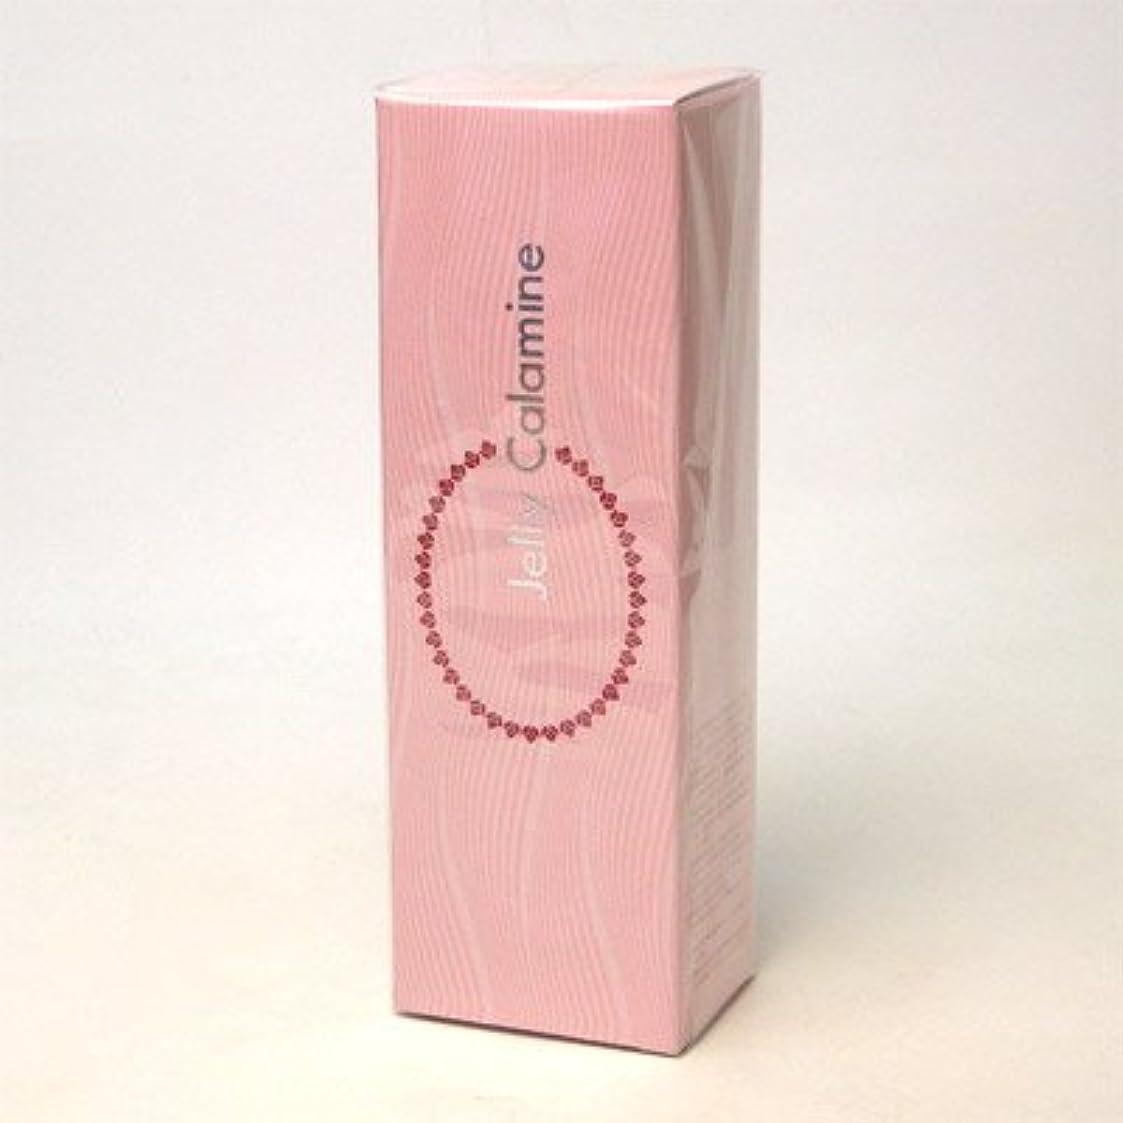 モチーフまろやかなつづりジュポン化粧品 ジェリーカラミン 100g